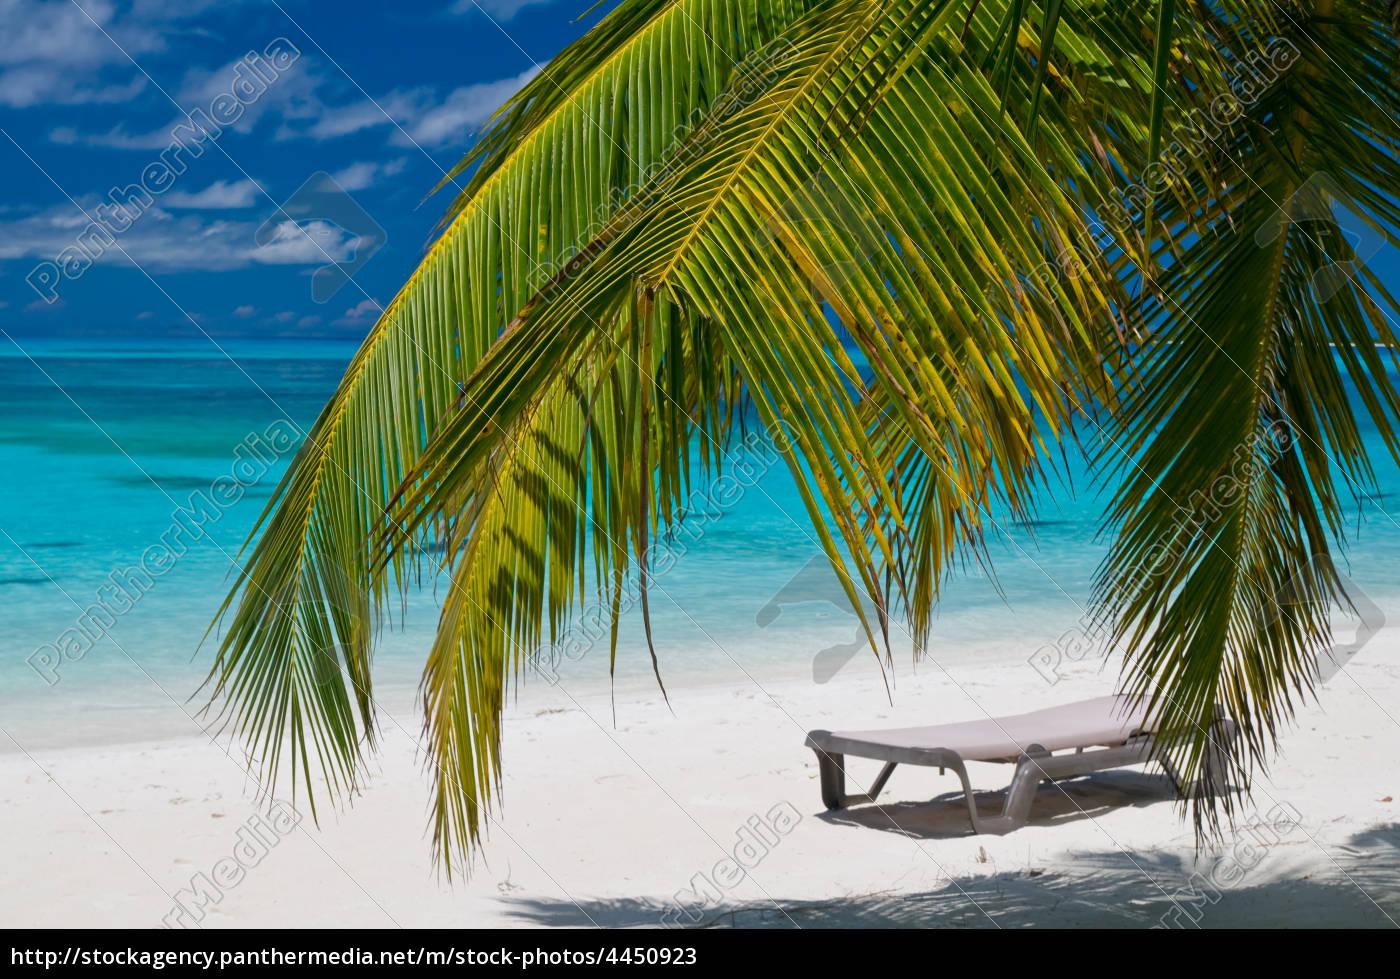 einsamer strand mit liegestuhl unter palmen stockfoto 4450923 bildagentur panthermedia. Black Bedroom Furniture Sets. Home Design Ideas